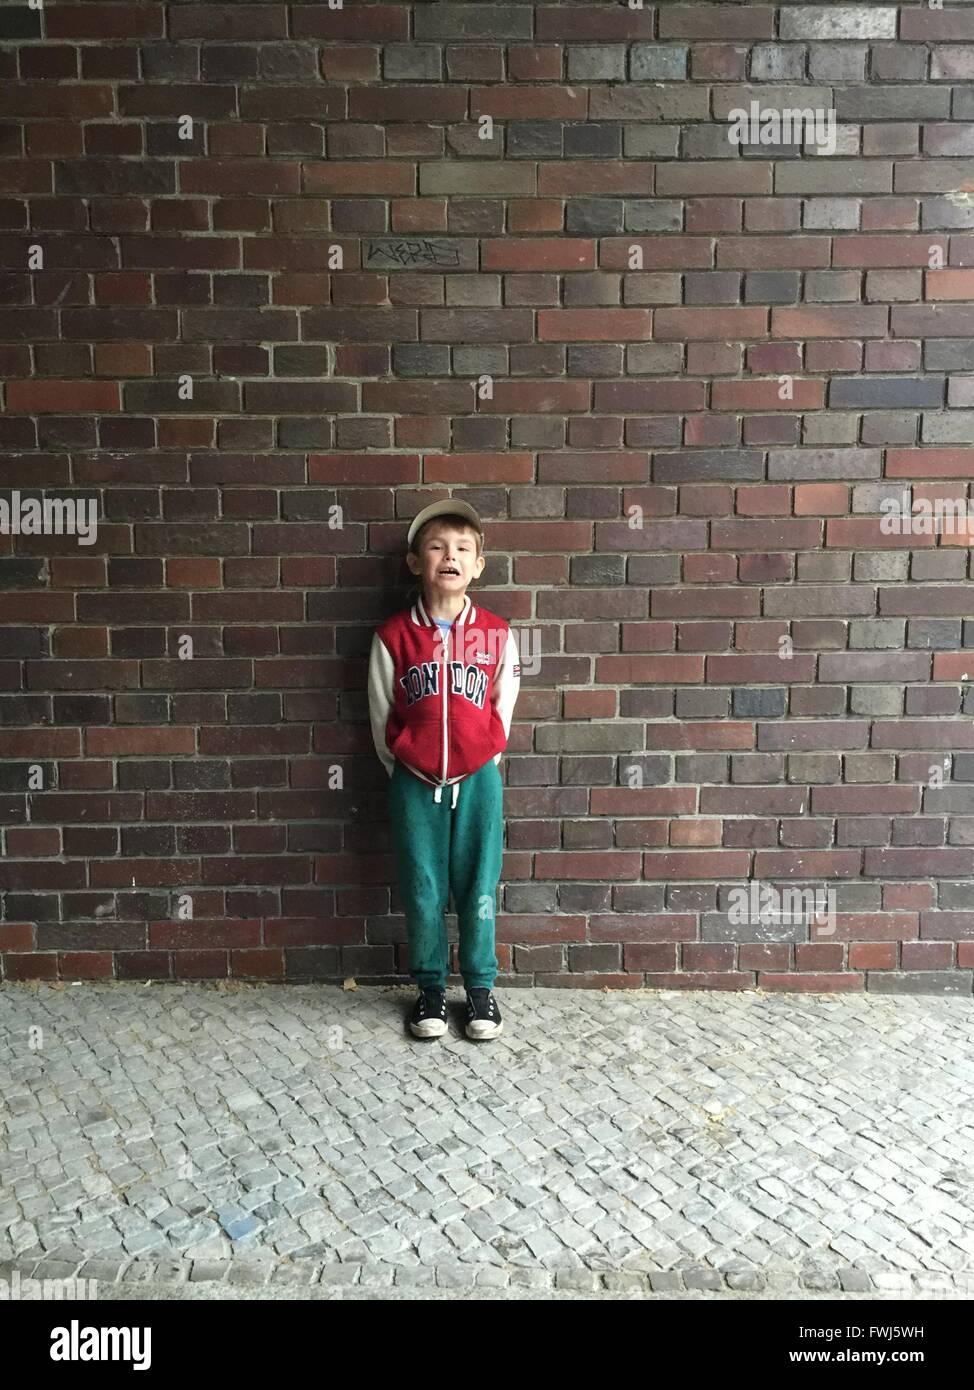 Retrato de niño llorando mientras está de pie contra la pared de ladrillo Imagen De Stock